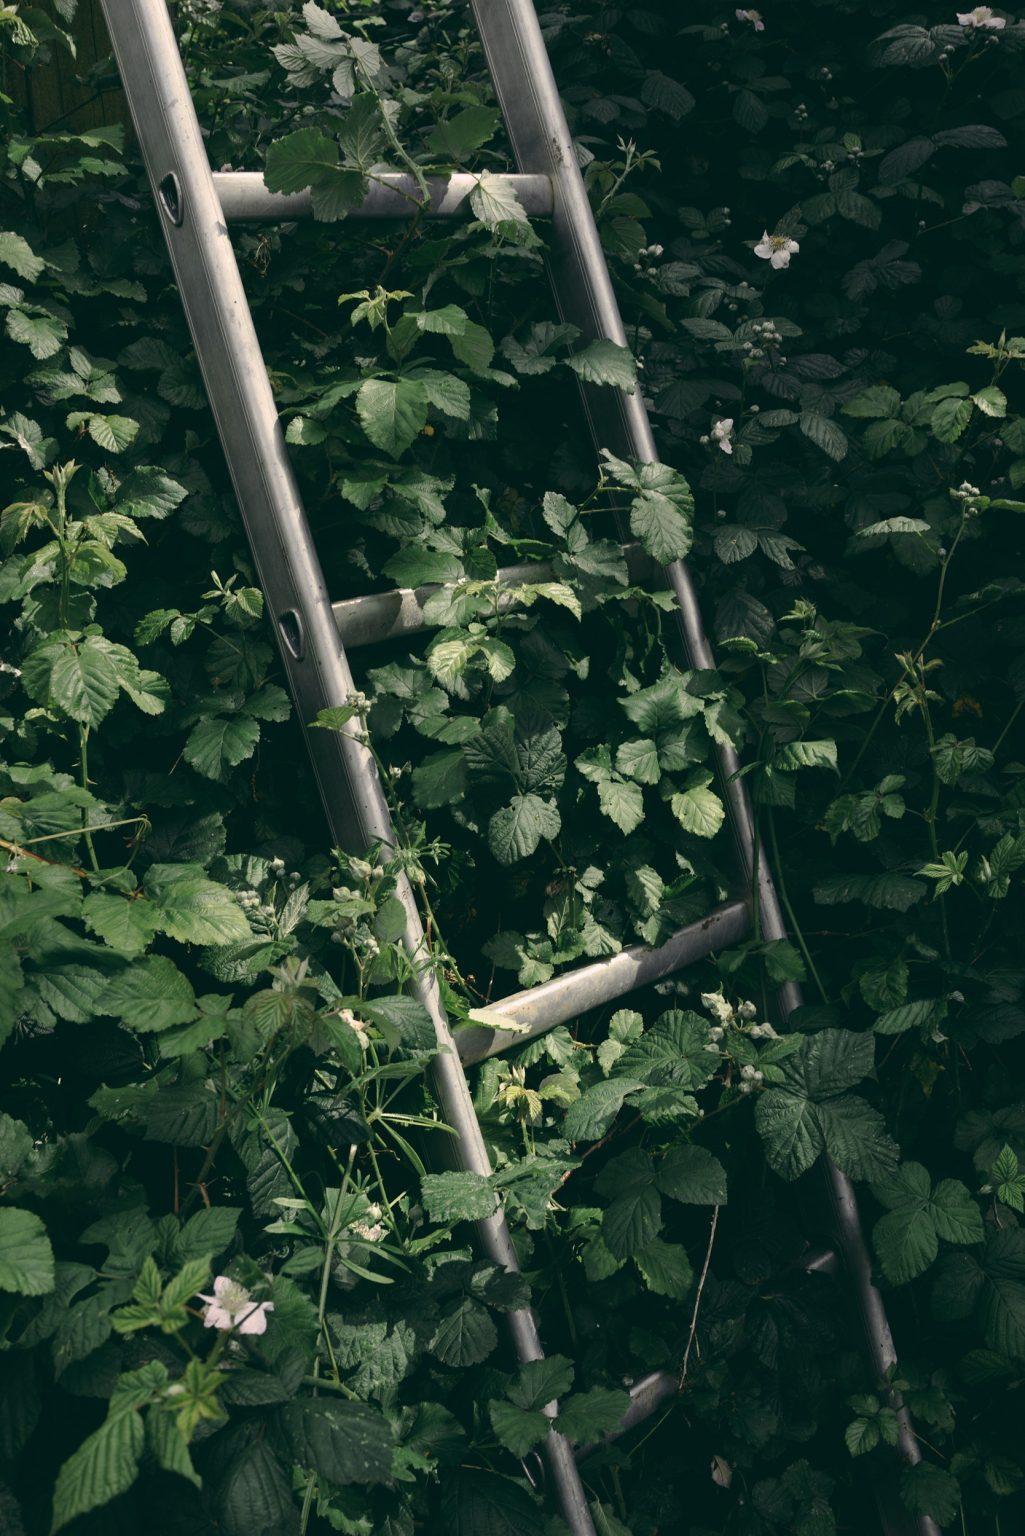 Valdivienne, France, May 2019 - A ladder used for the installation of the wooden pylons that support the corners of the aviaries. ><  Valdivienne, Francia, maggio 2019 - Una scala usata per l?istallazione dei tralicci di legno che sostengono gli angoli delle voliere.*** SPECIAL   FEE   APPLIES *** *** Local Caption *** 01489349